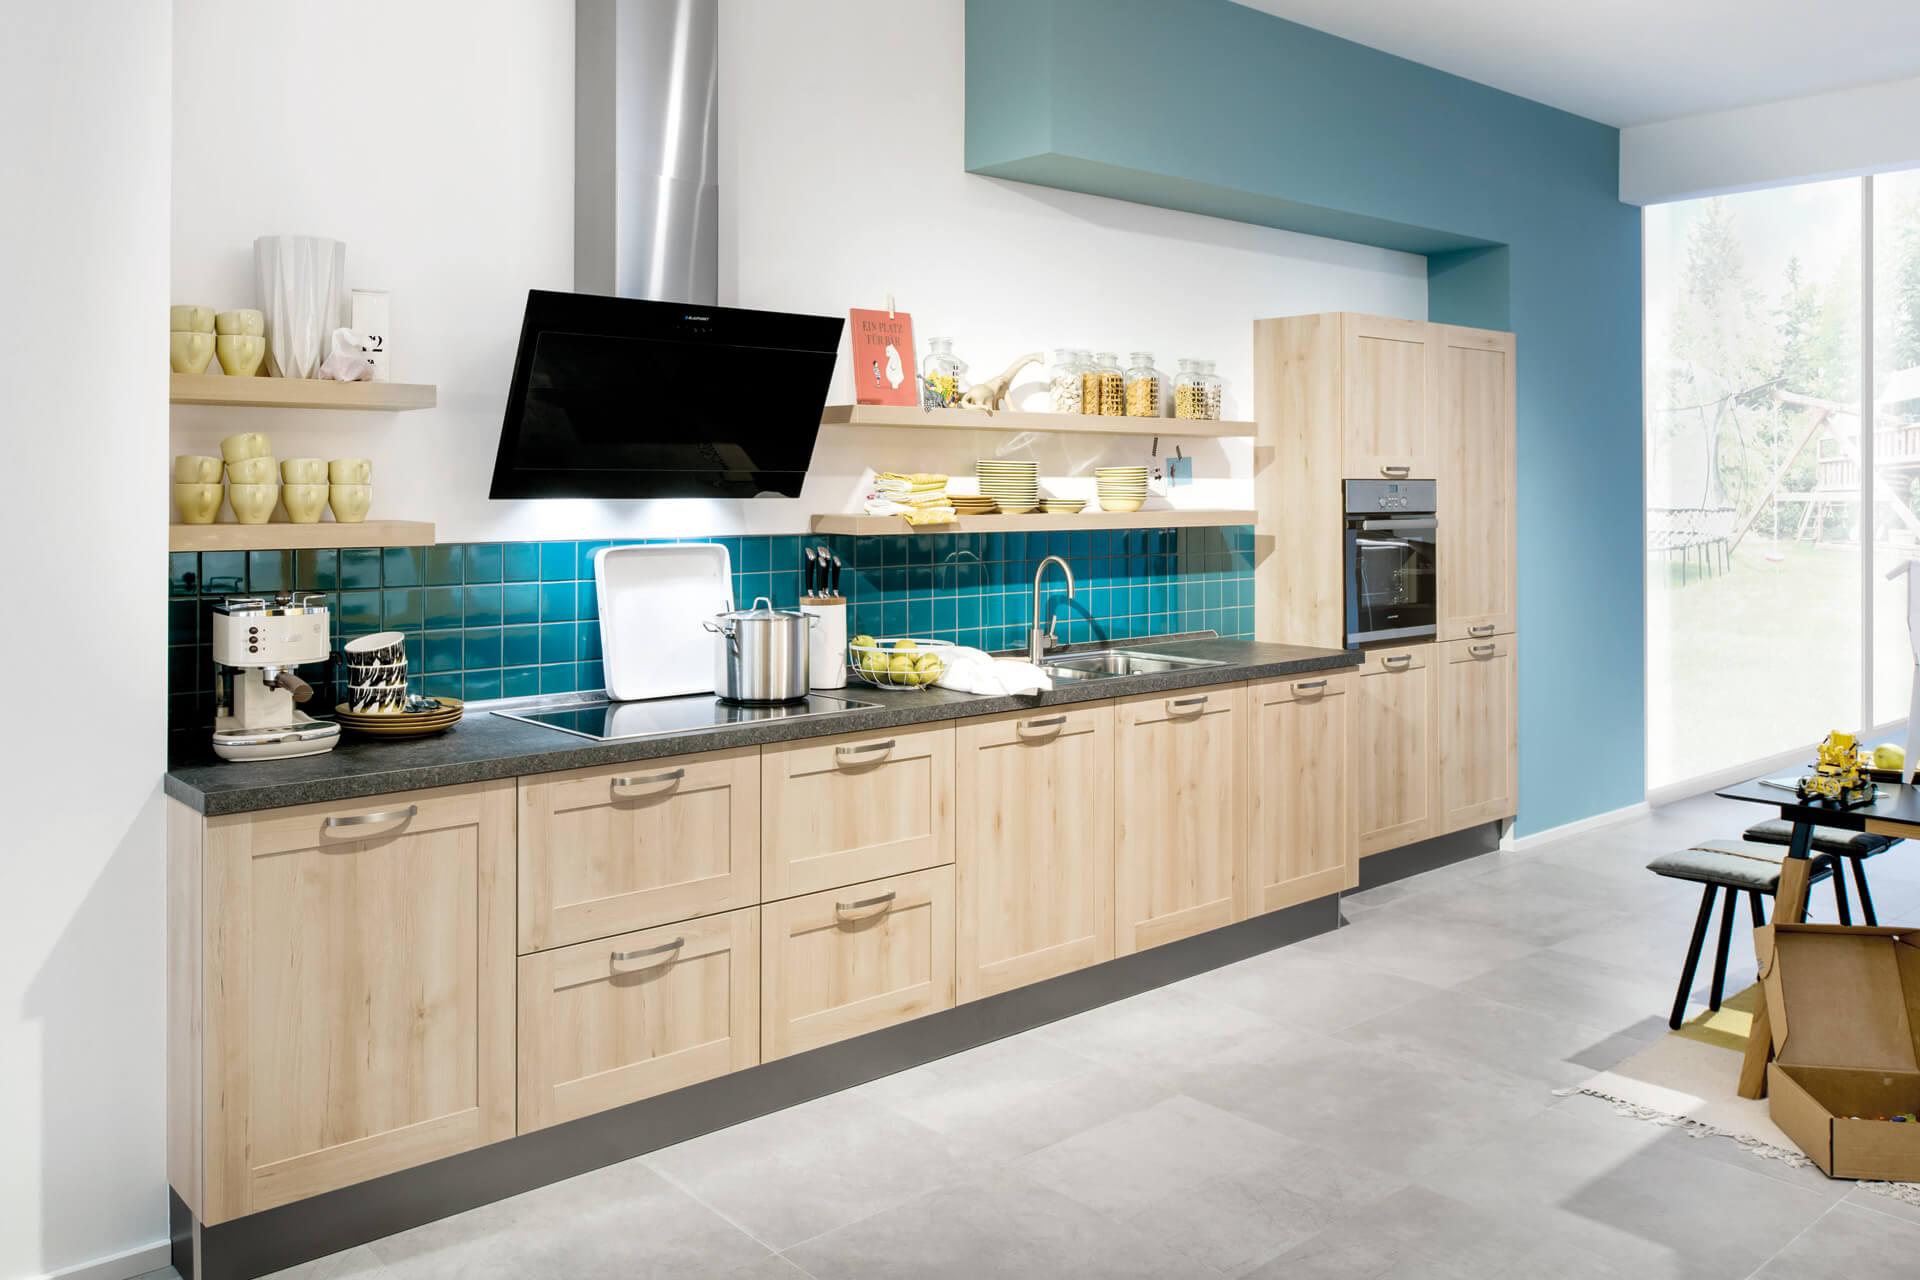 d couvrez les nouvelles tendance d co de votre cuisine ai cuisines. Black Bedroom Furniture Sets. Home Design Ideas